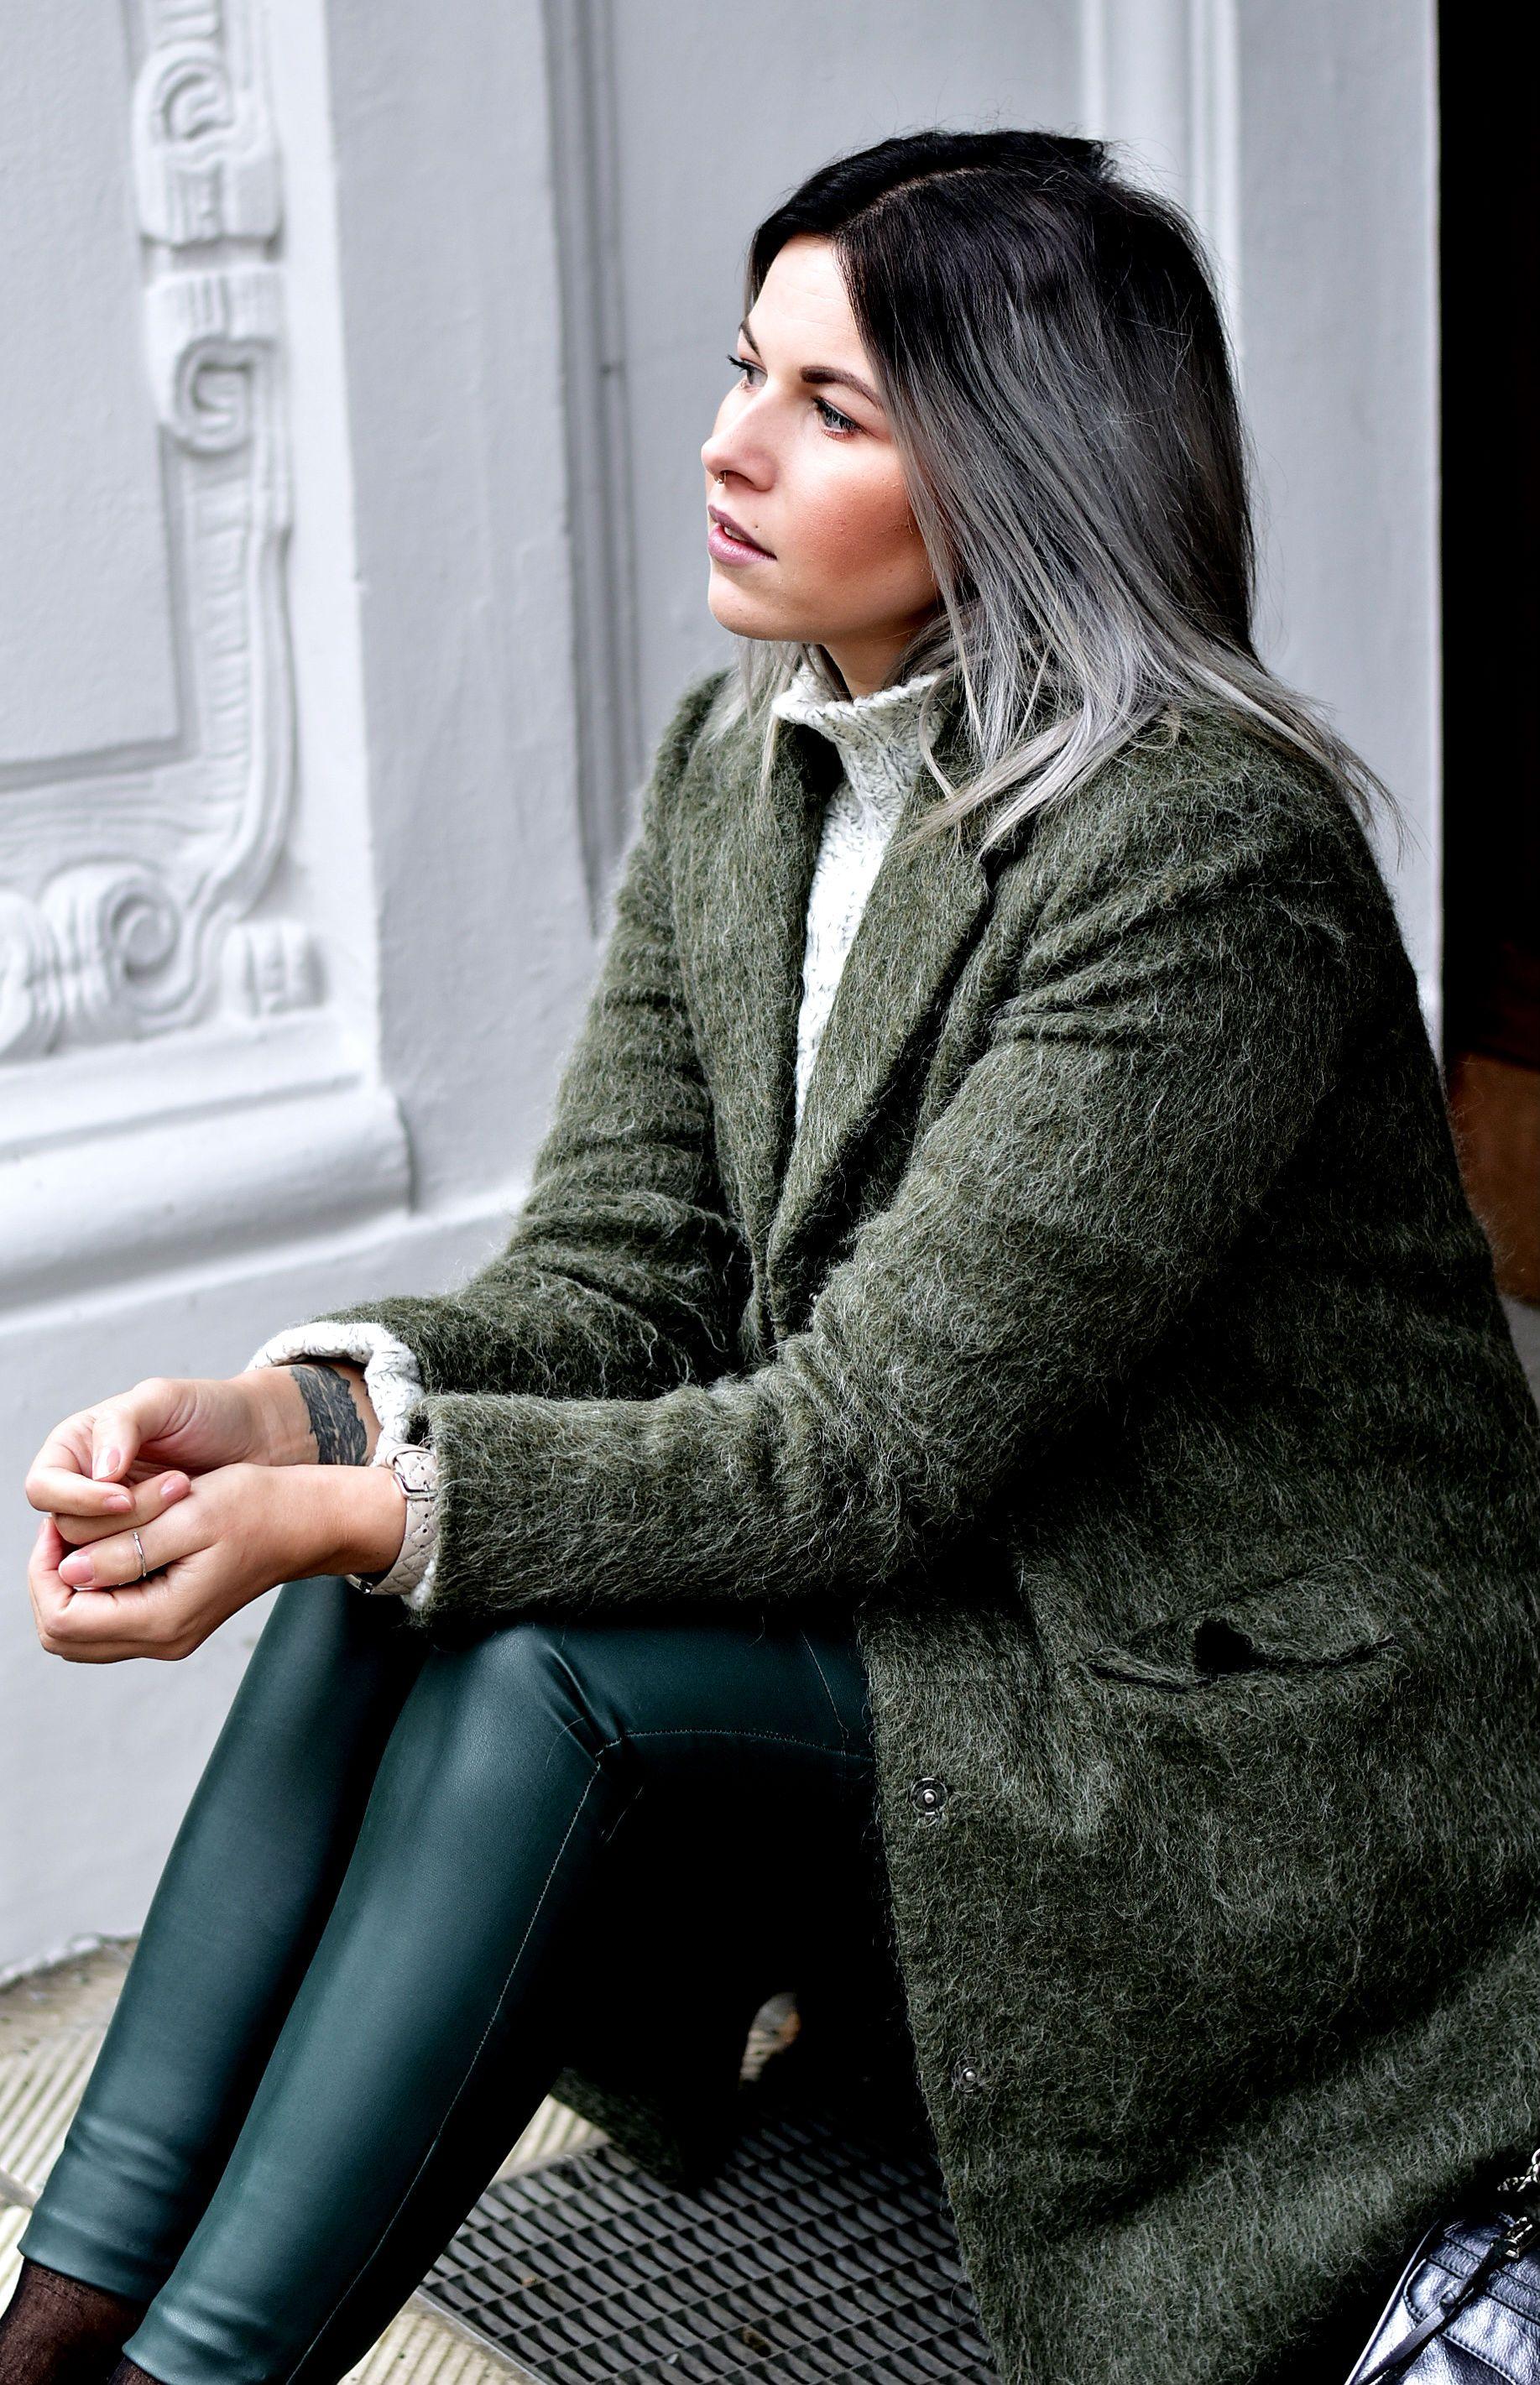 neuer Stil wie kauft man viele modisch Fashionzauber.com, Streetlook, Streetstyle Citylook: Grüne ...